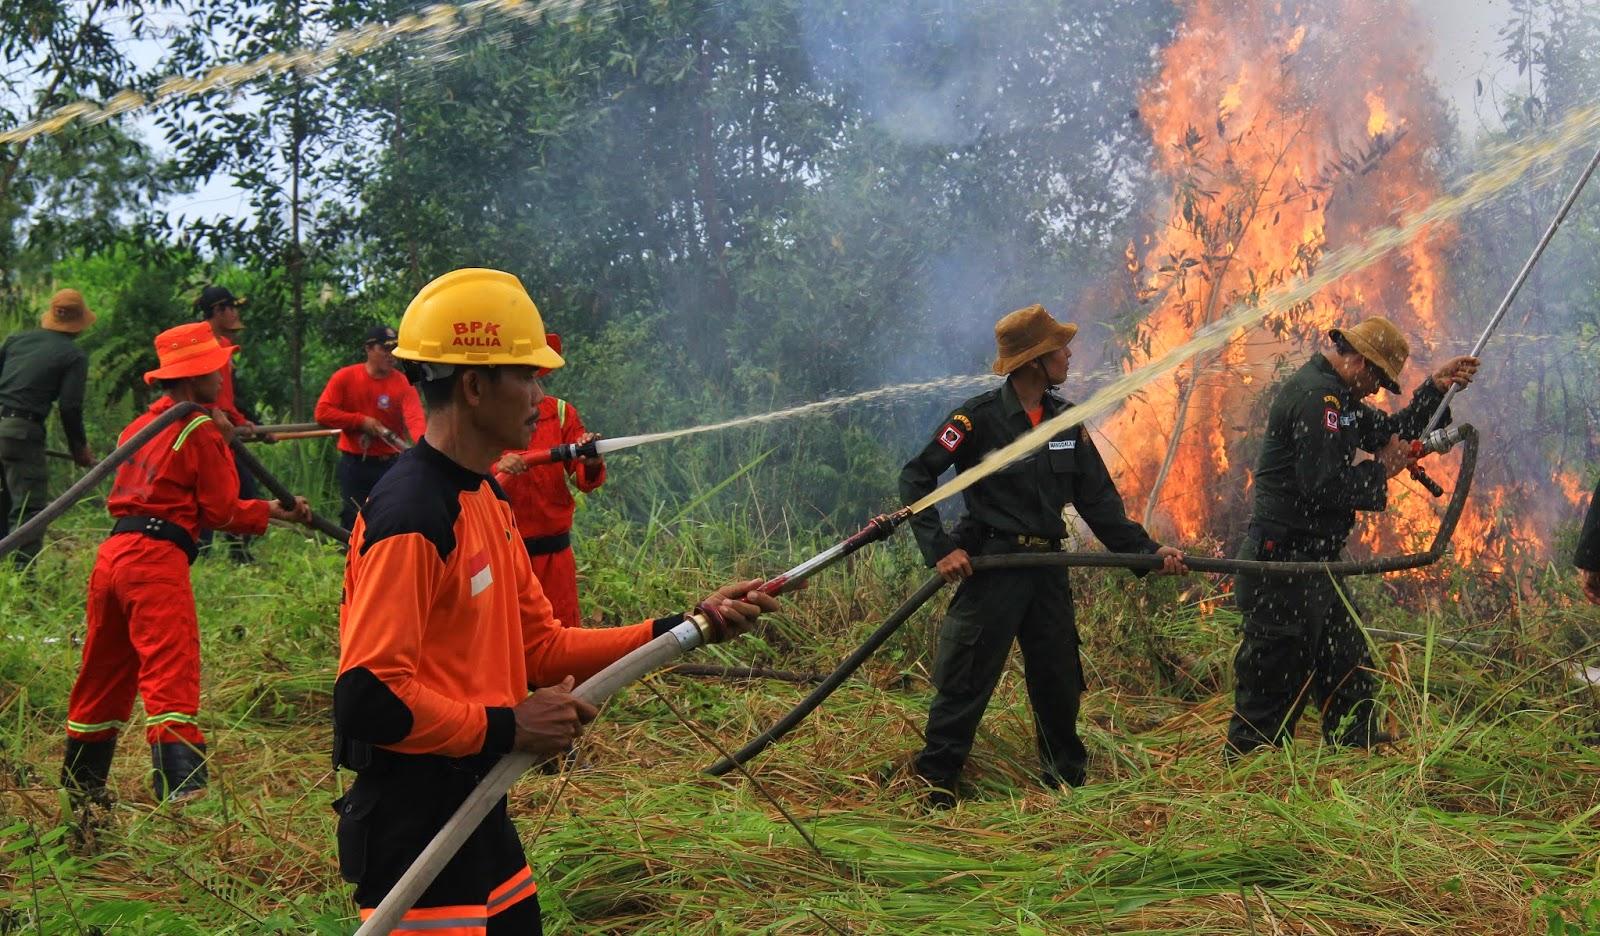 Jelang Kemarau, Kalteng Antisipasi Kebakaran Lahan